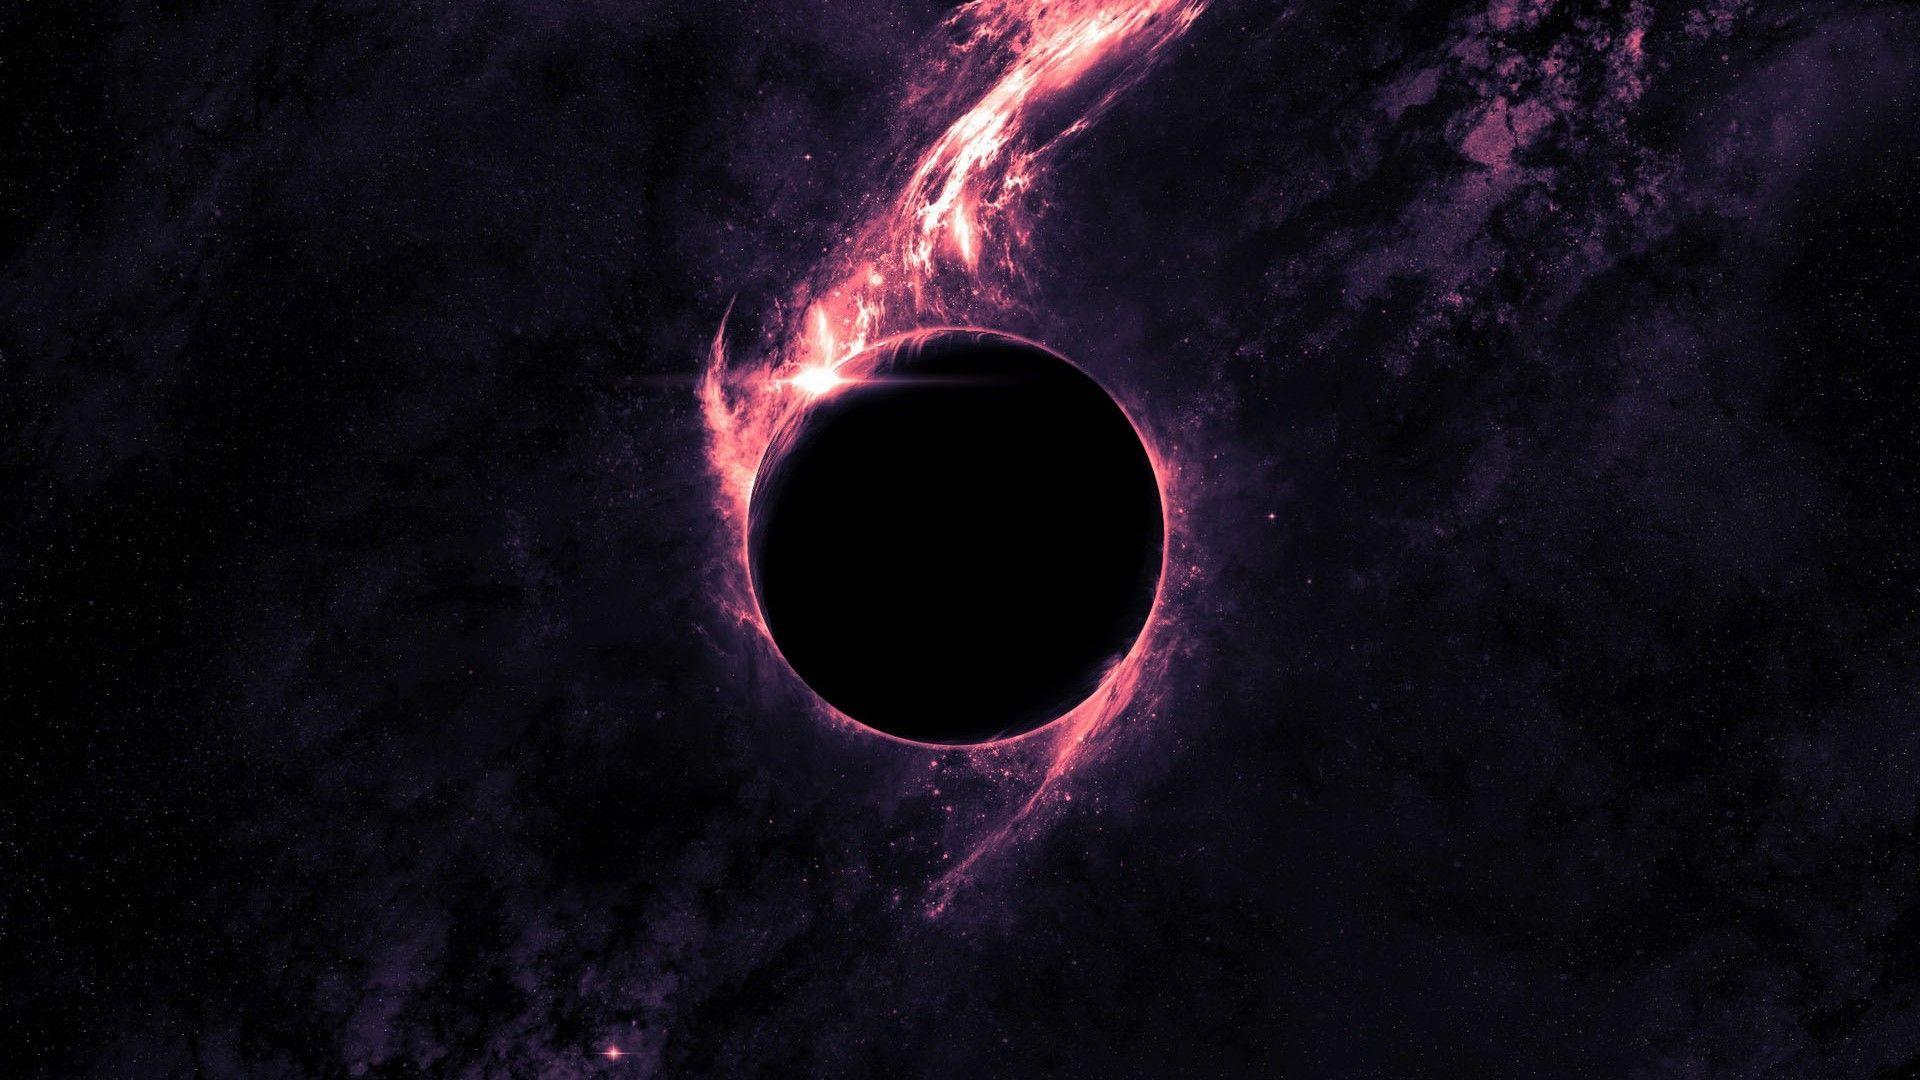 Black Hole Wallpapers 4USkYcom 1920x1080